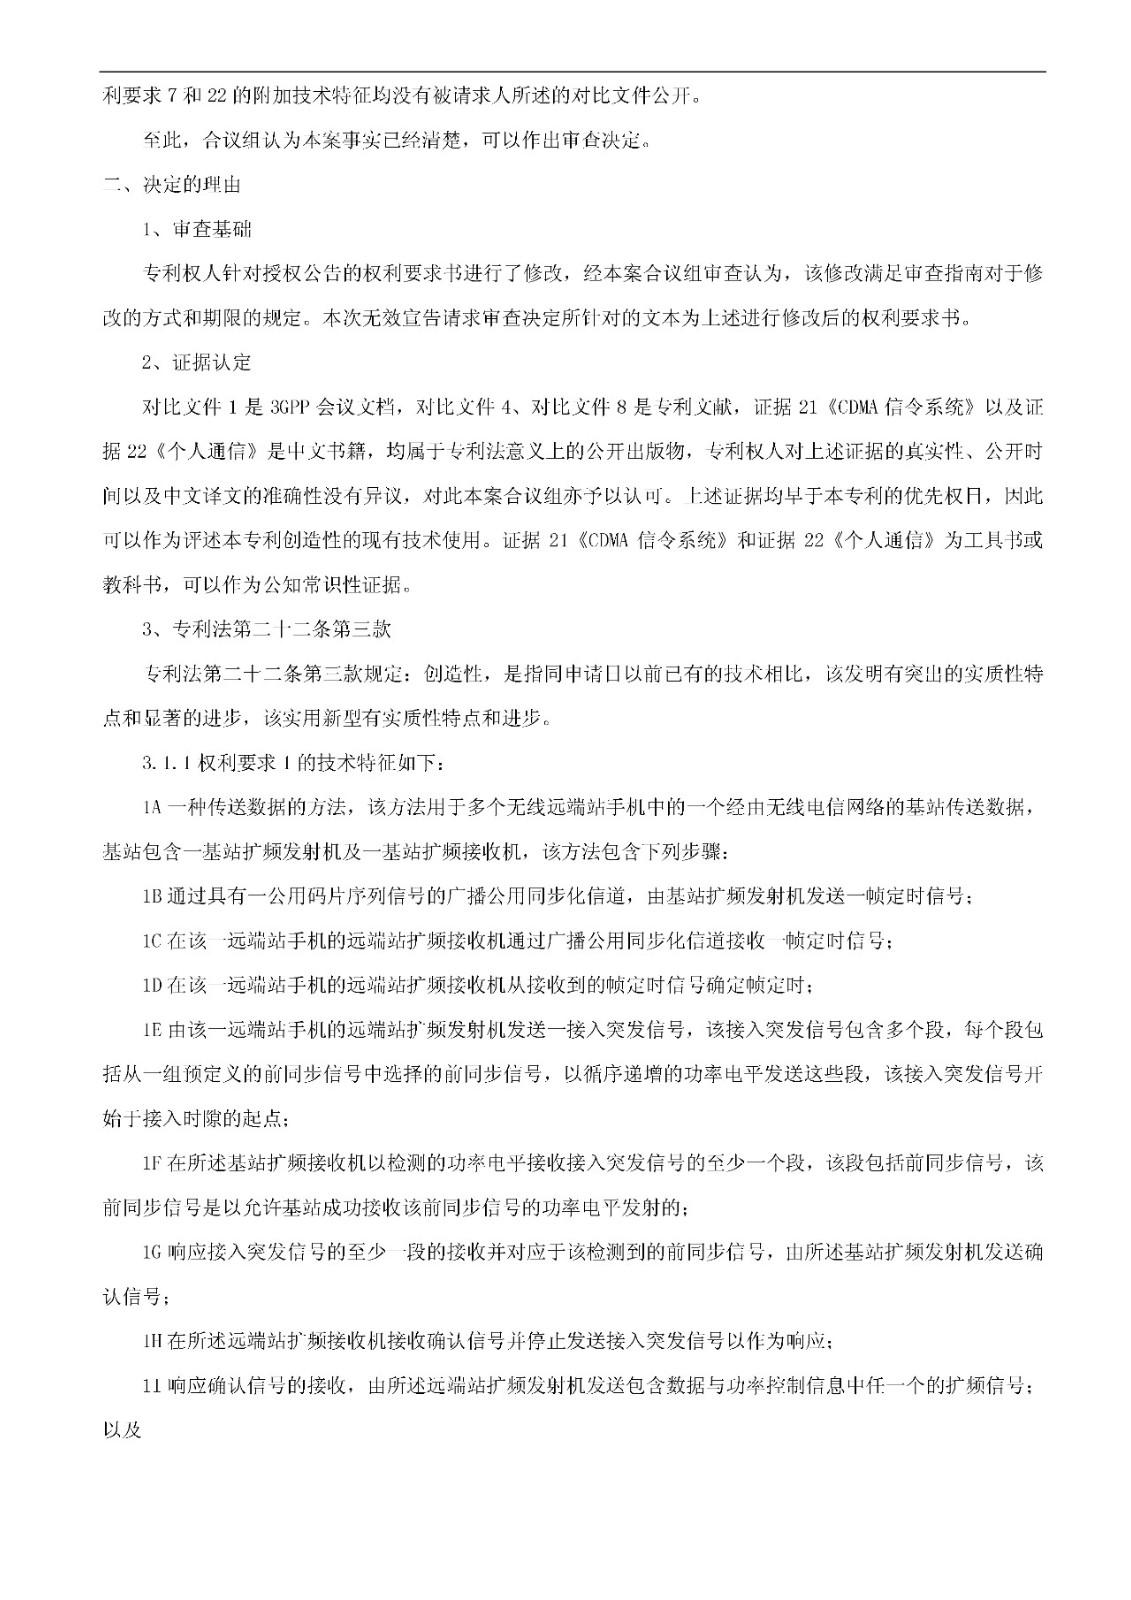 索赔5000万!小米被诉侵权的专利被宣告全部无效(附:决定书全文)